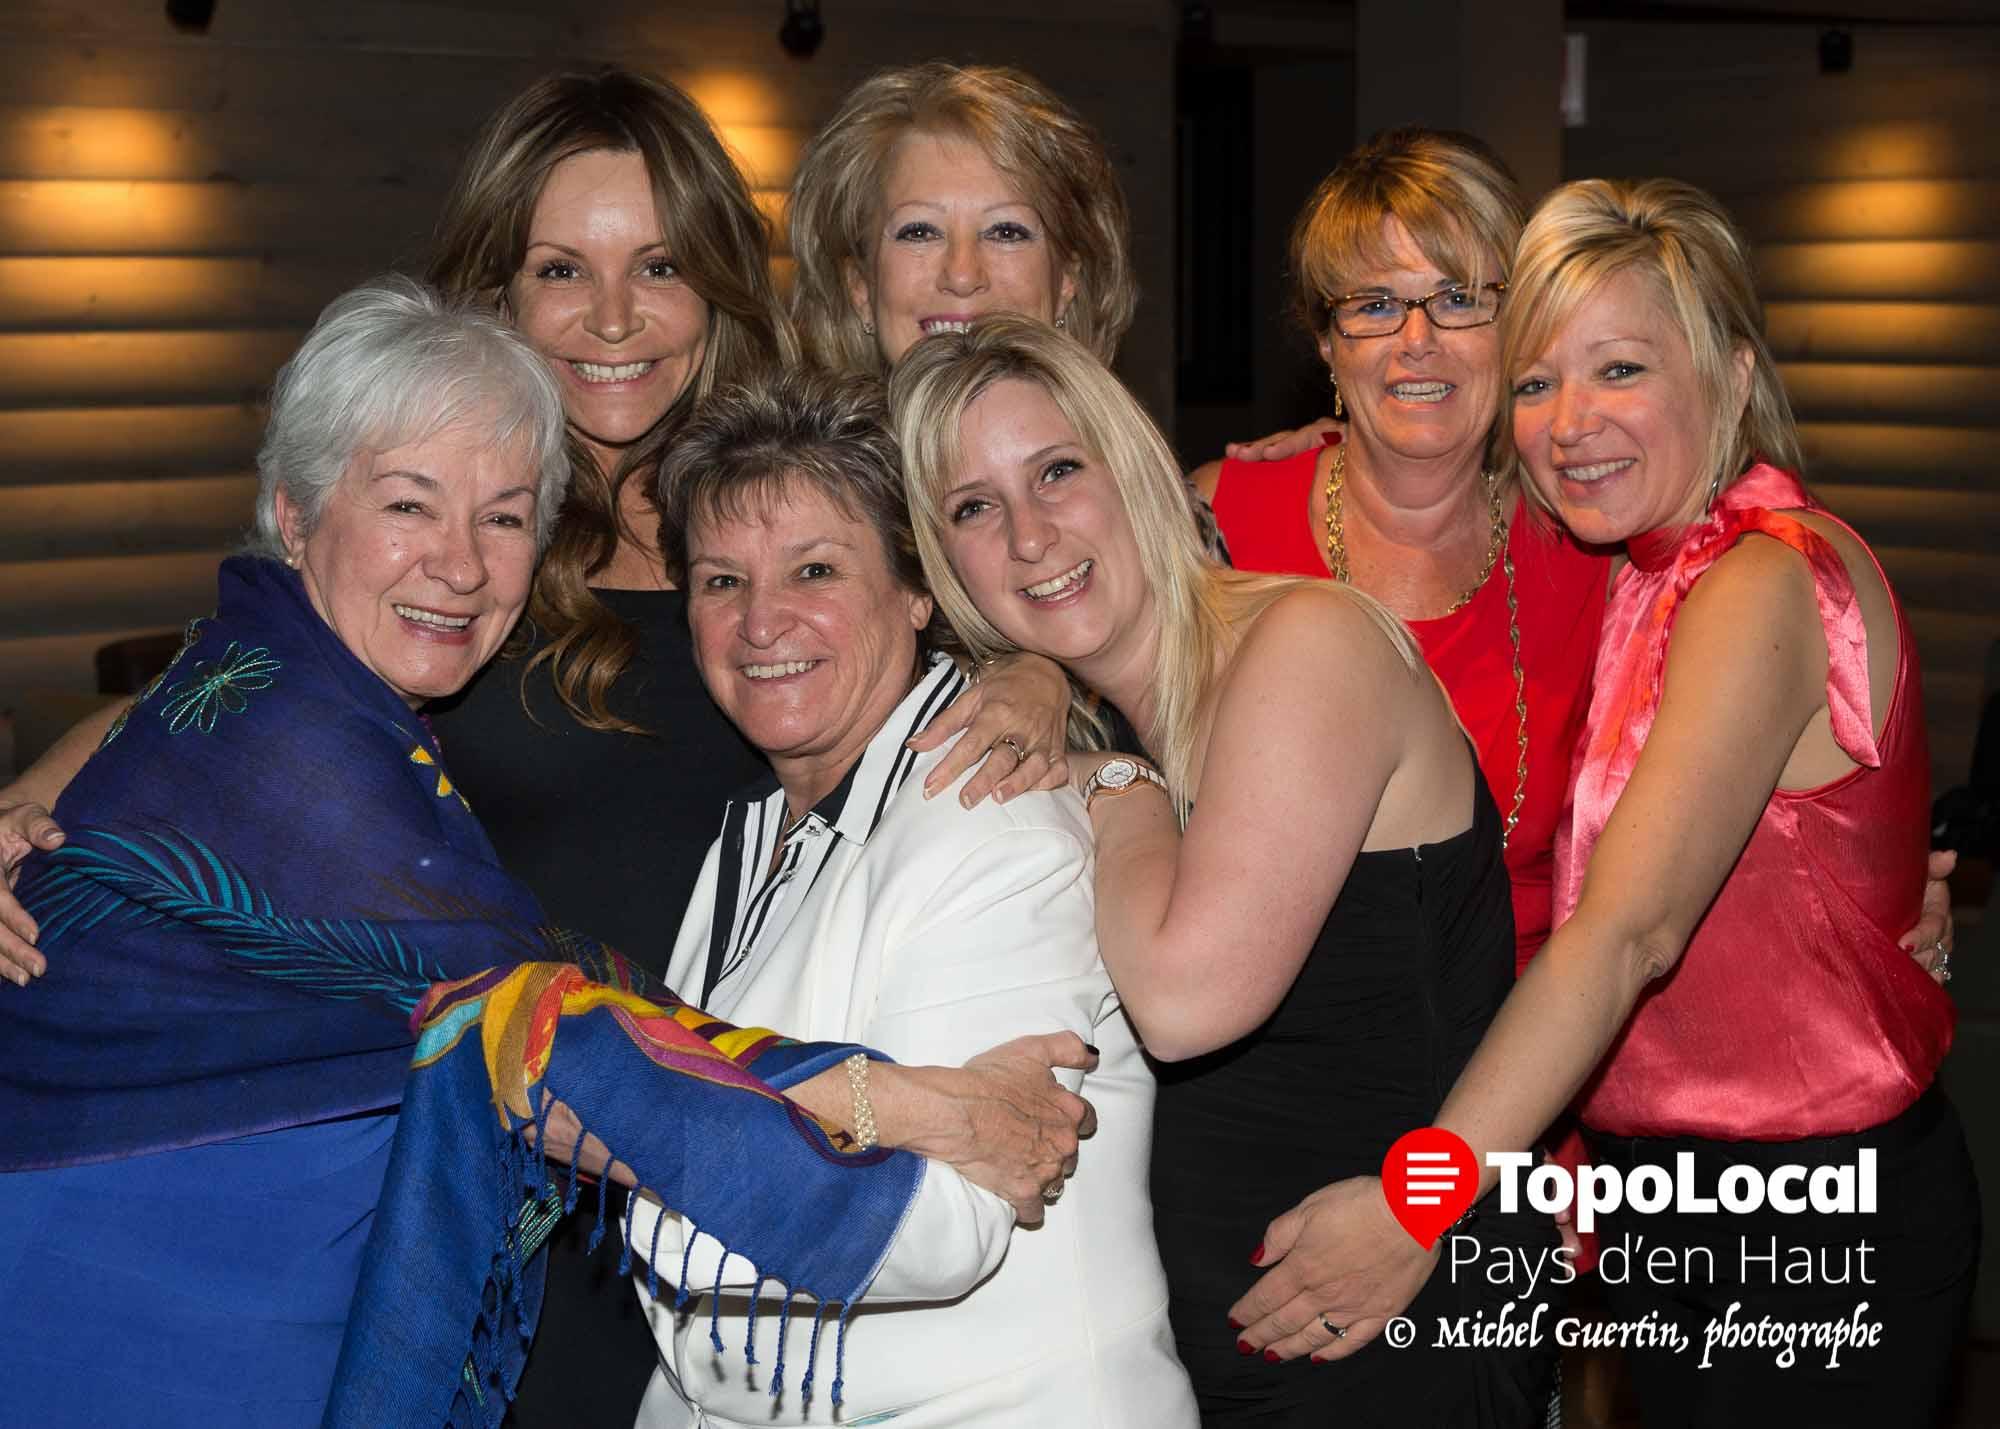 Le coeur était à la fête lors de cette soirée. On a même fêté très tard... Sur la photo on reconnaît:Lucie Létourneau, Nadia Bertrand, Joanne Dubé, Linda Lake, Cindy Larocque, Line vanier et Nathalie Blais.